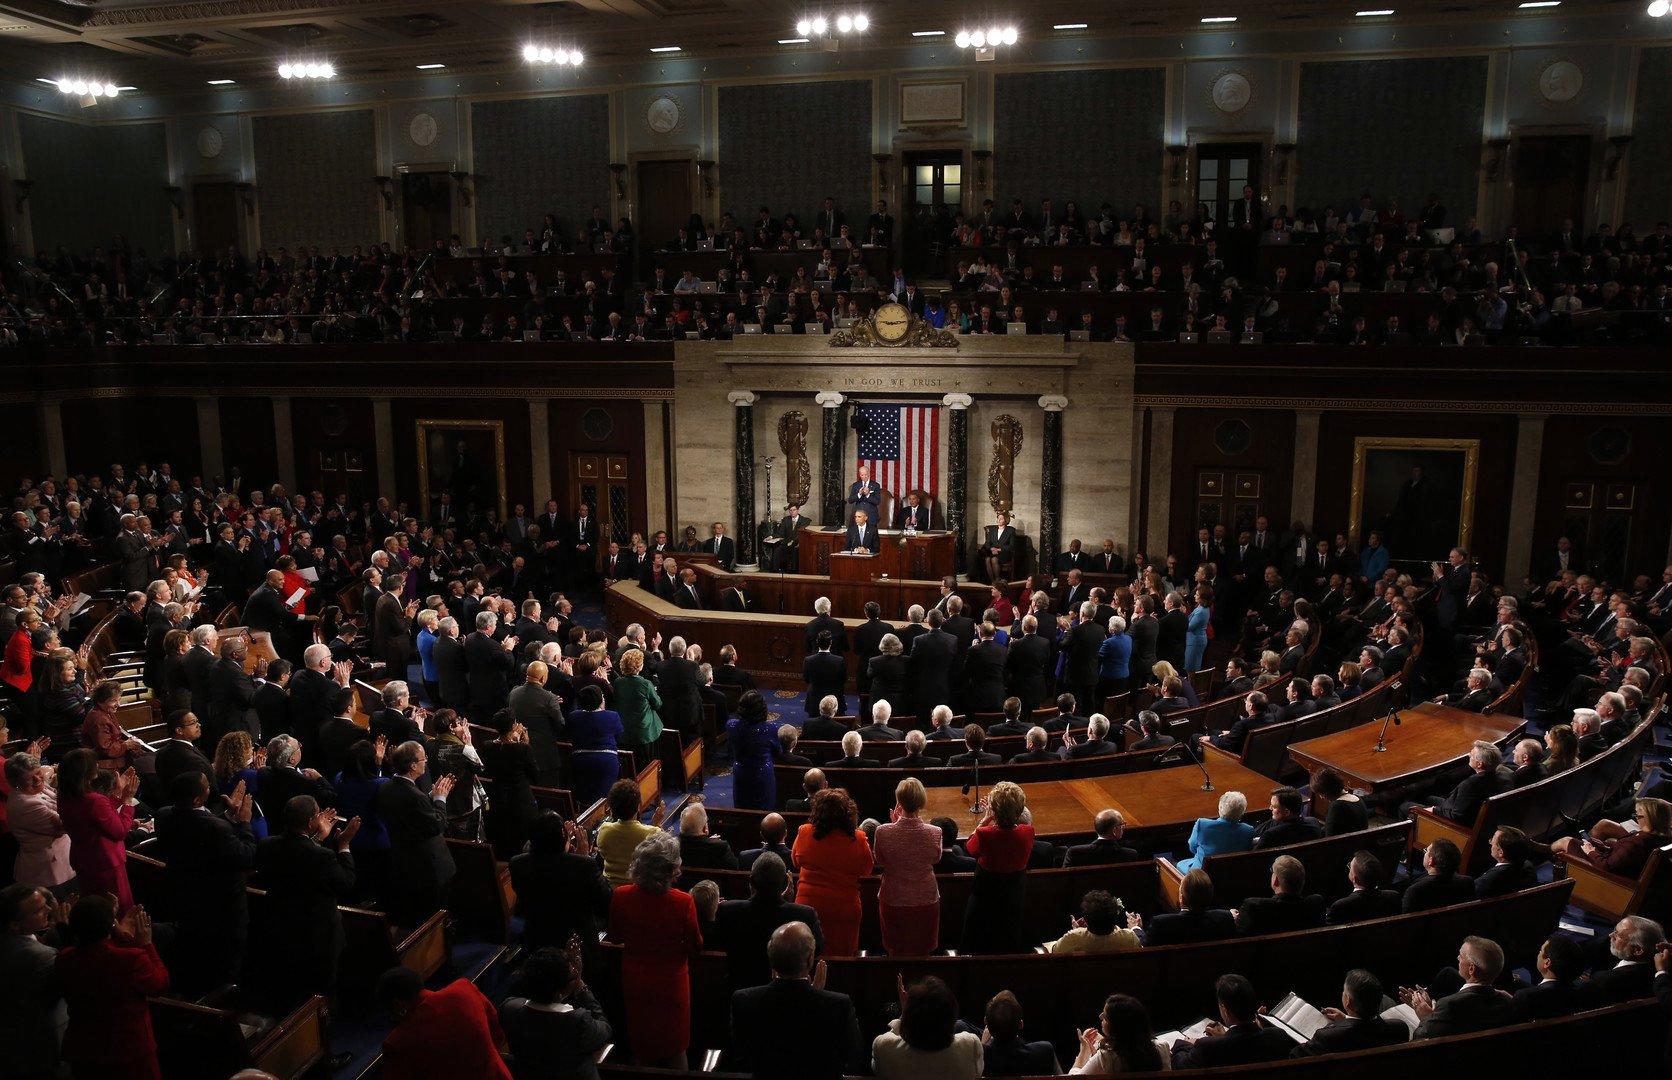 Le discours de Barak Obama sur l'état de l'Union le 20 janvier 2015. ( REUTERS/Larry Downing)